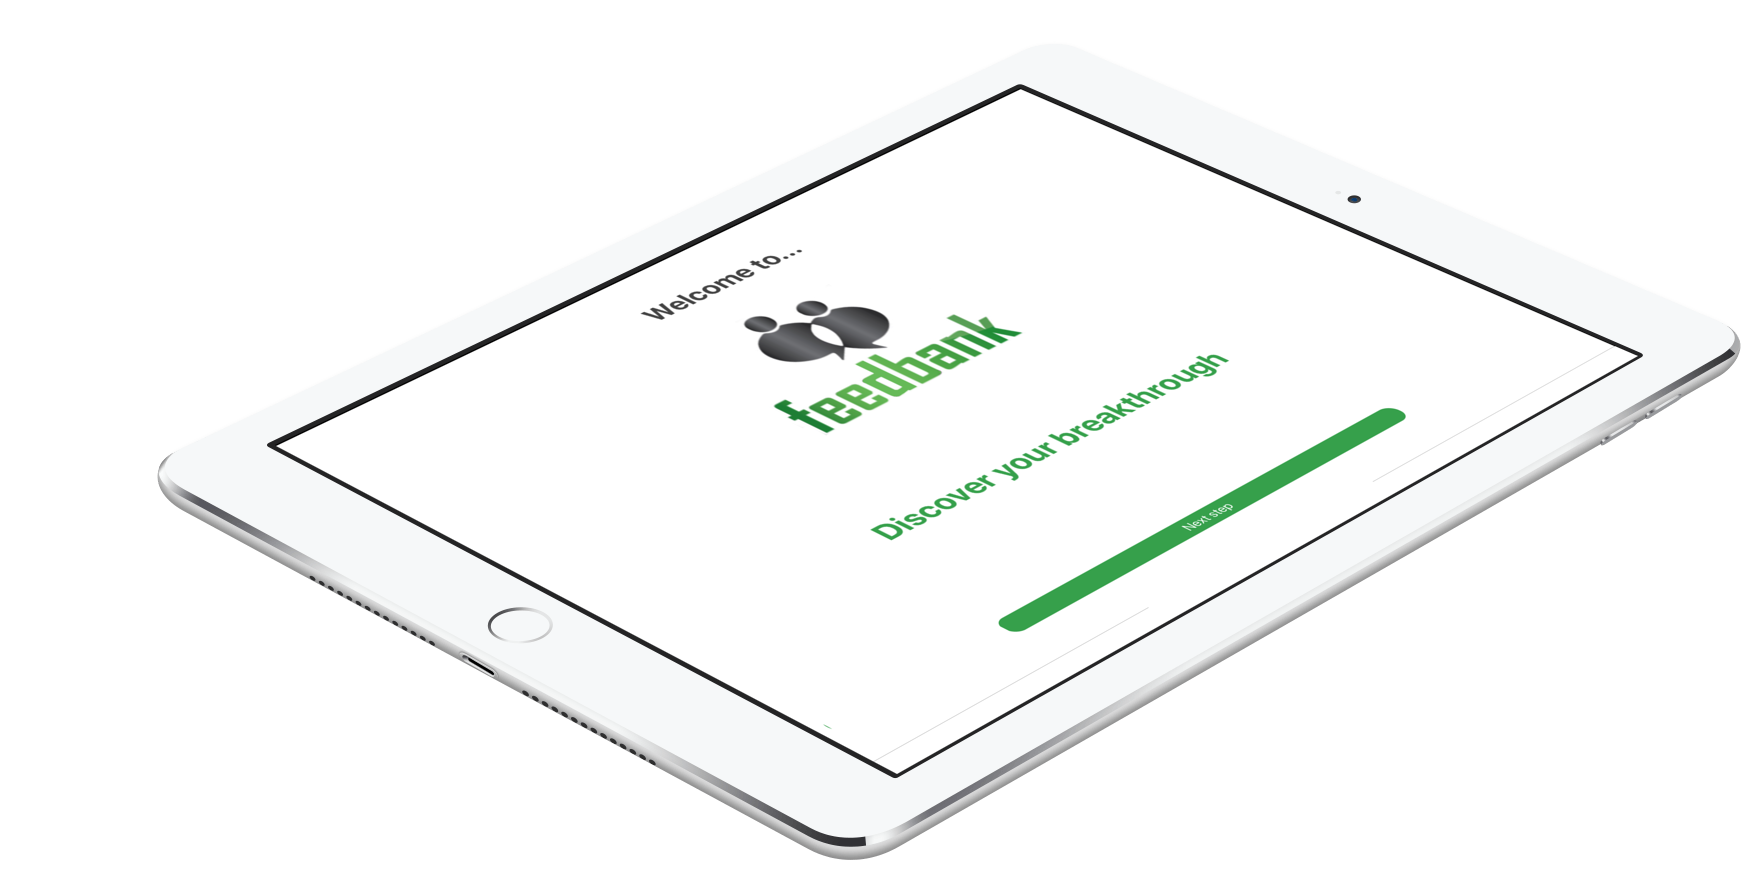 Einfacher Zugriff auf die Feedbank-App auch über das Tablet